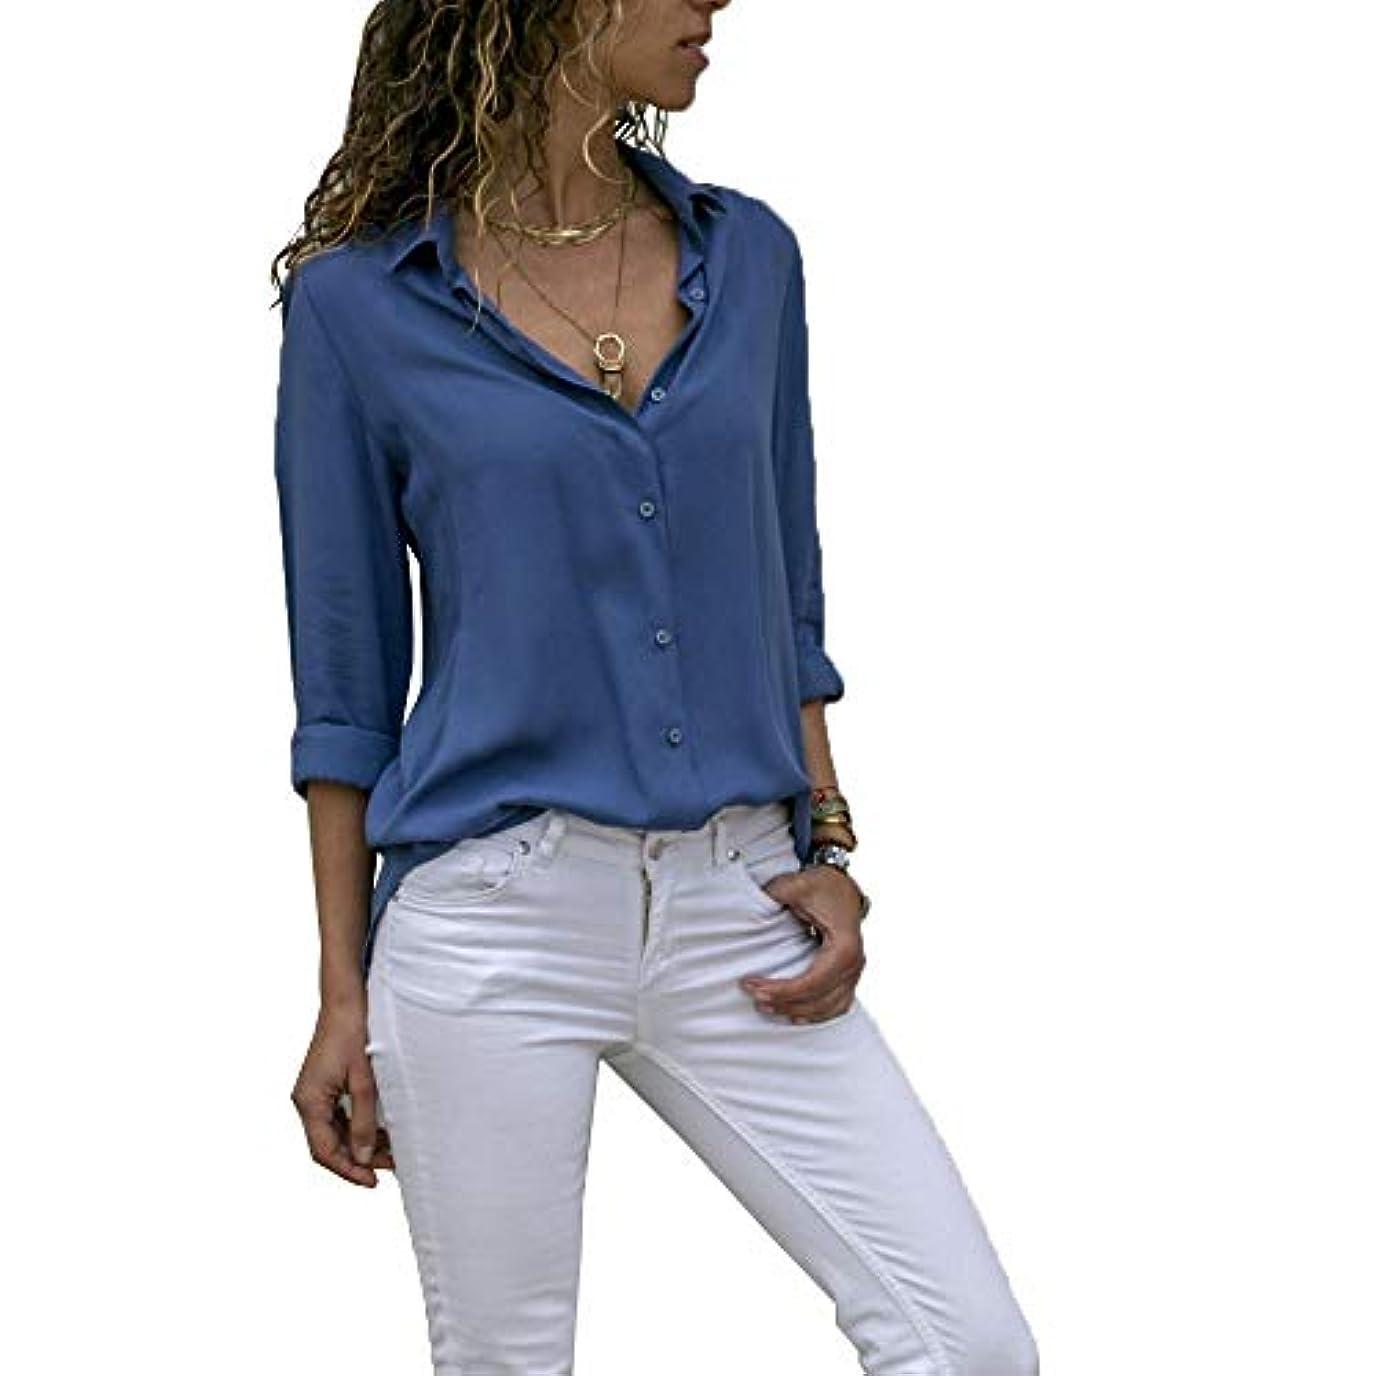 名声現像暴力MIFAN ルーズシャツ、トップス&Tシャツ、プラスサイズ、トップス&ブラウス、シフォンブラウス、女性トップス、シフォンシャツ